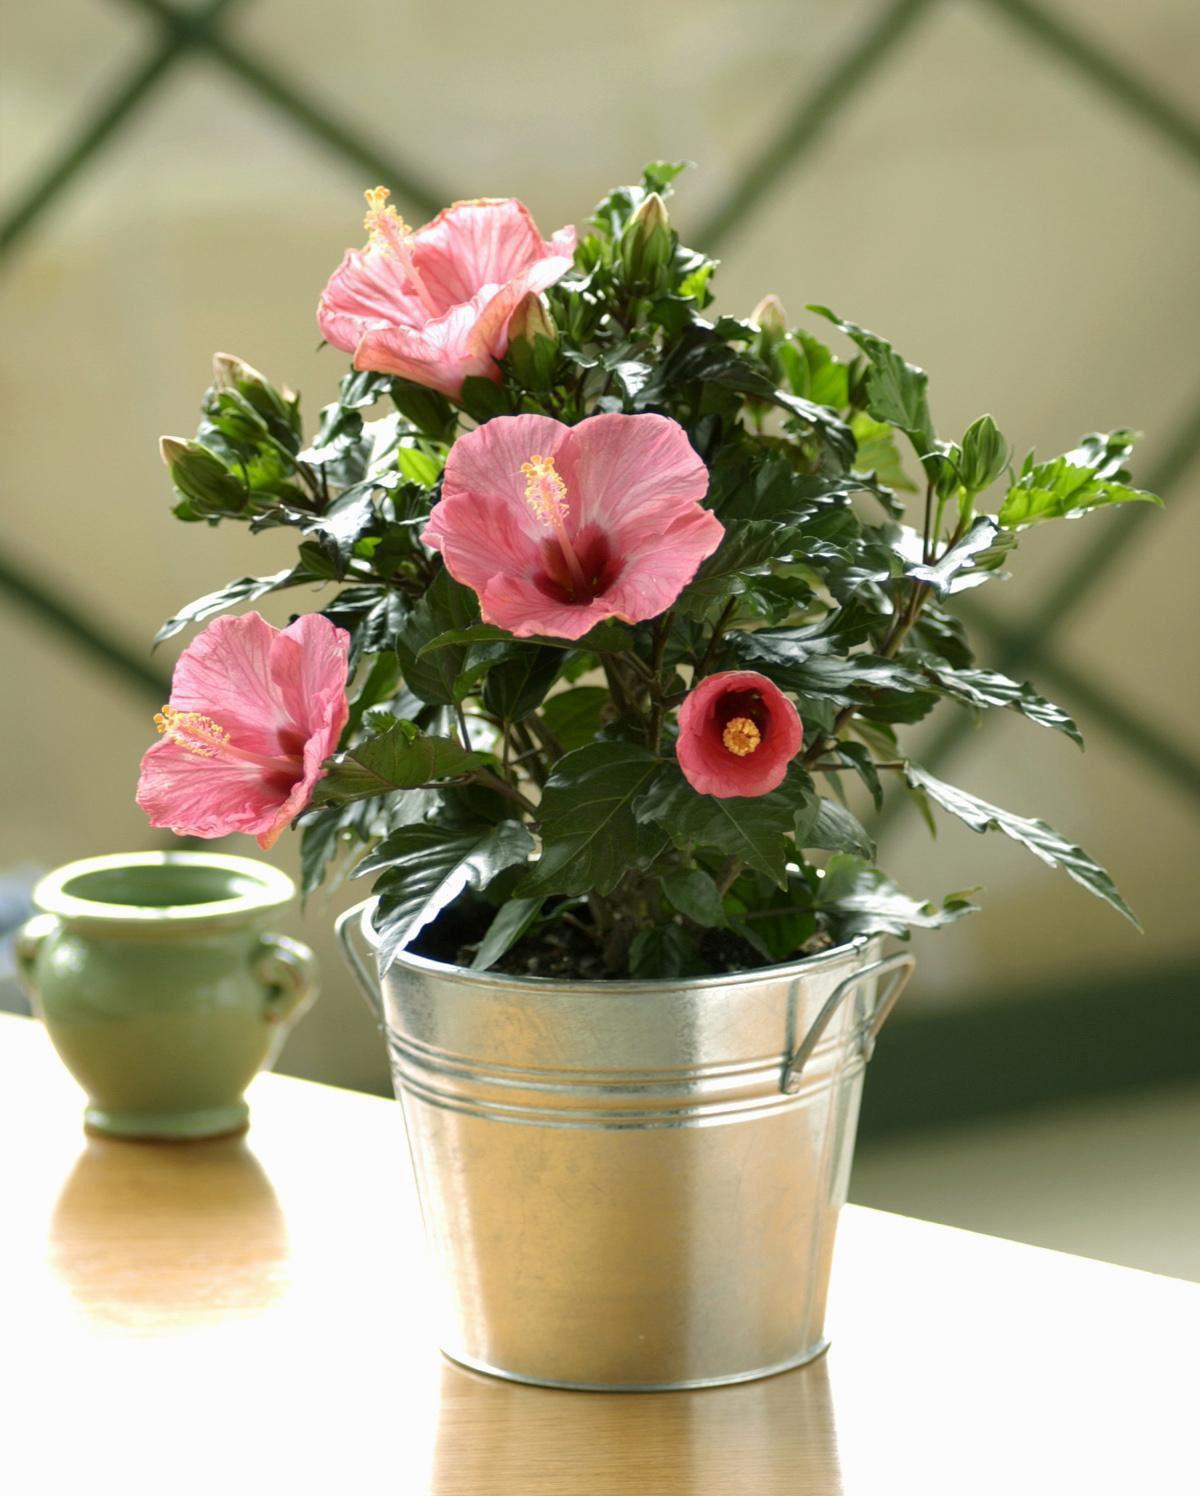 Фото домашних цветов с маленькими цветочками